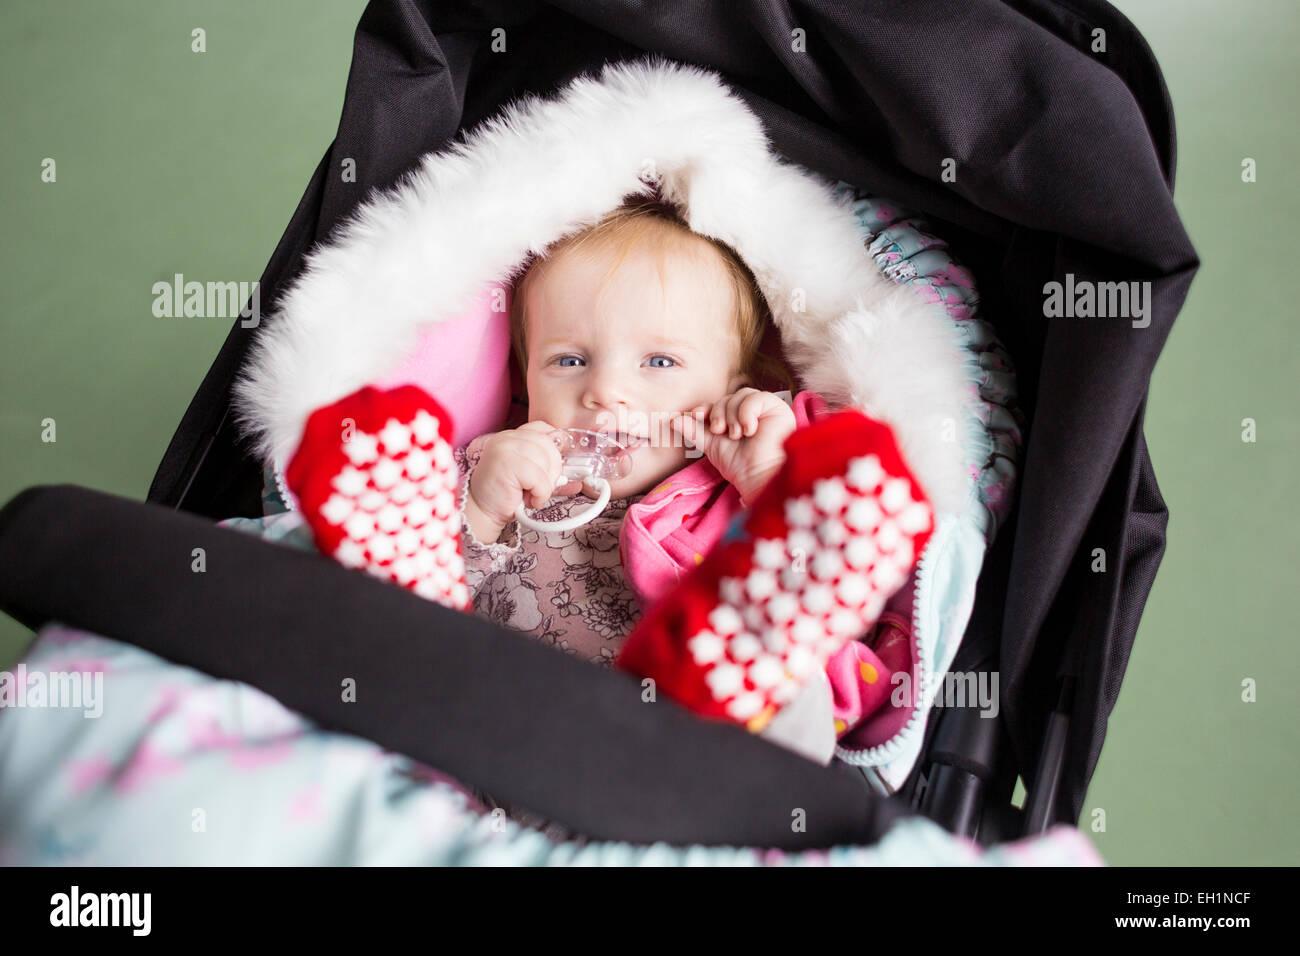 Porträt von niedlichen Baby Girl mit Schnuller in Kutsche vor grünem Hintergrund Stockbild